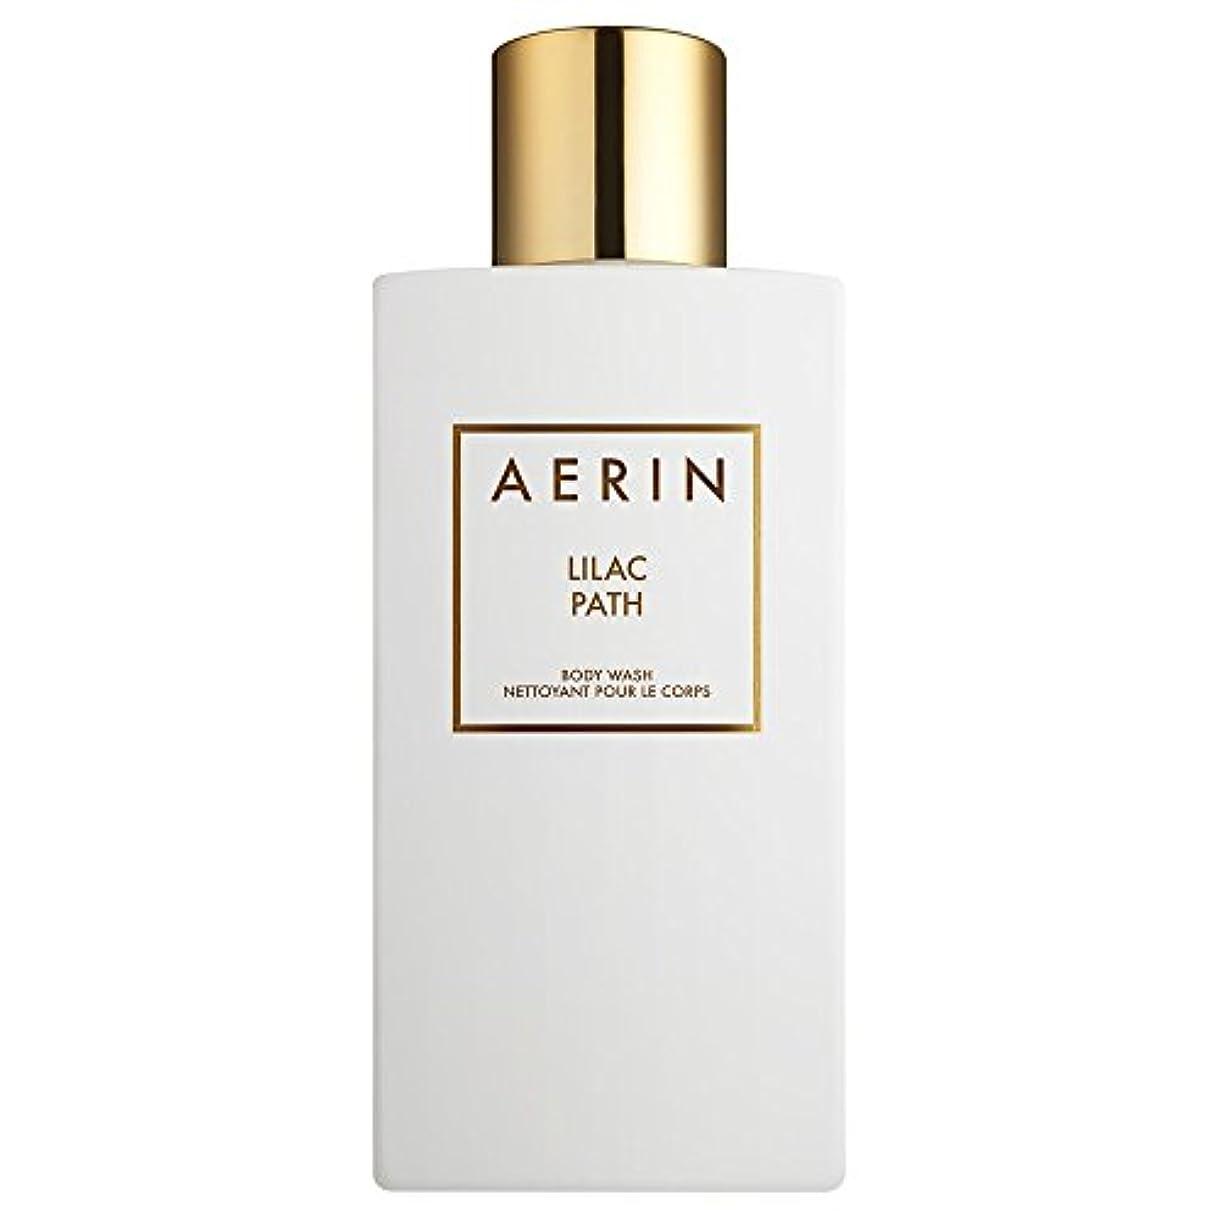 メイト昇進病者Aerinライラックパスボディウォッシュ225ミリリットル (AERIN) (x6) - AERIN Lilac Path Bodywash 225ml (Pack of 6) [並行輸入品]